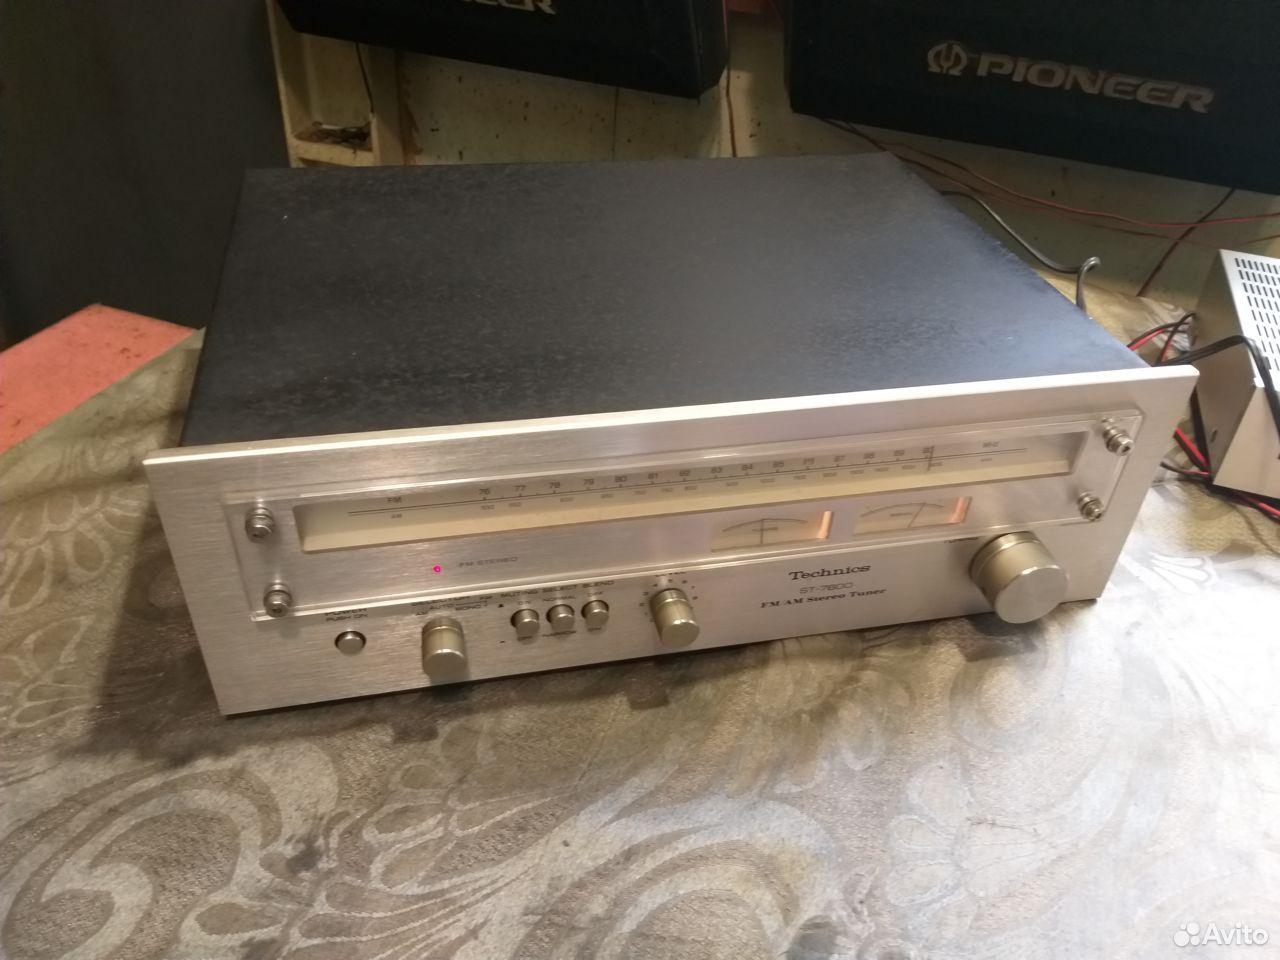 Тюнер Technics ST-7600  89084405797 купить 2